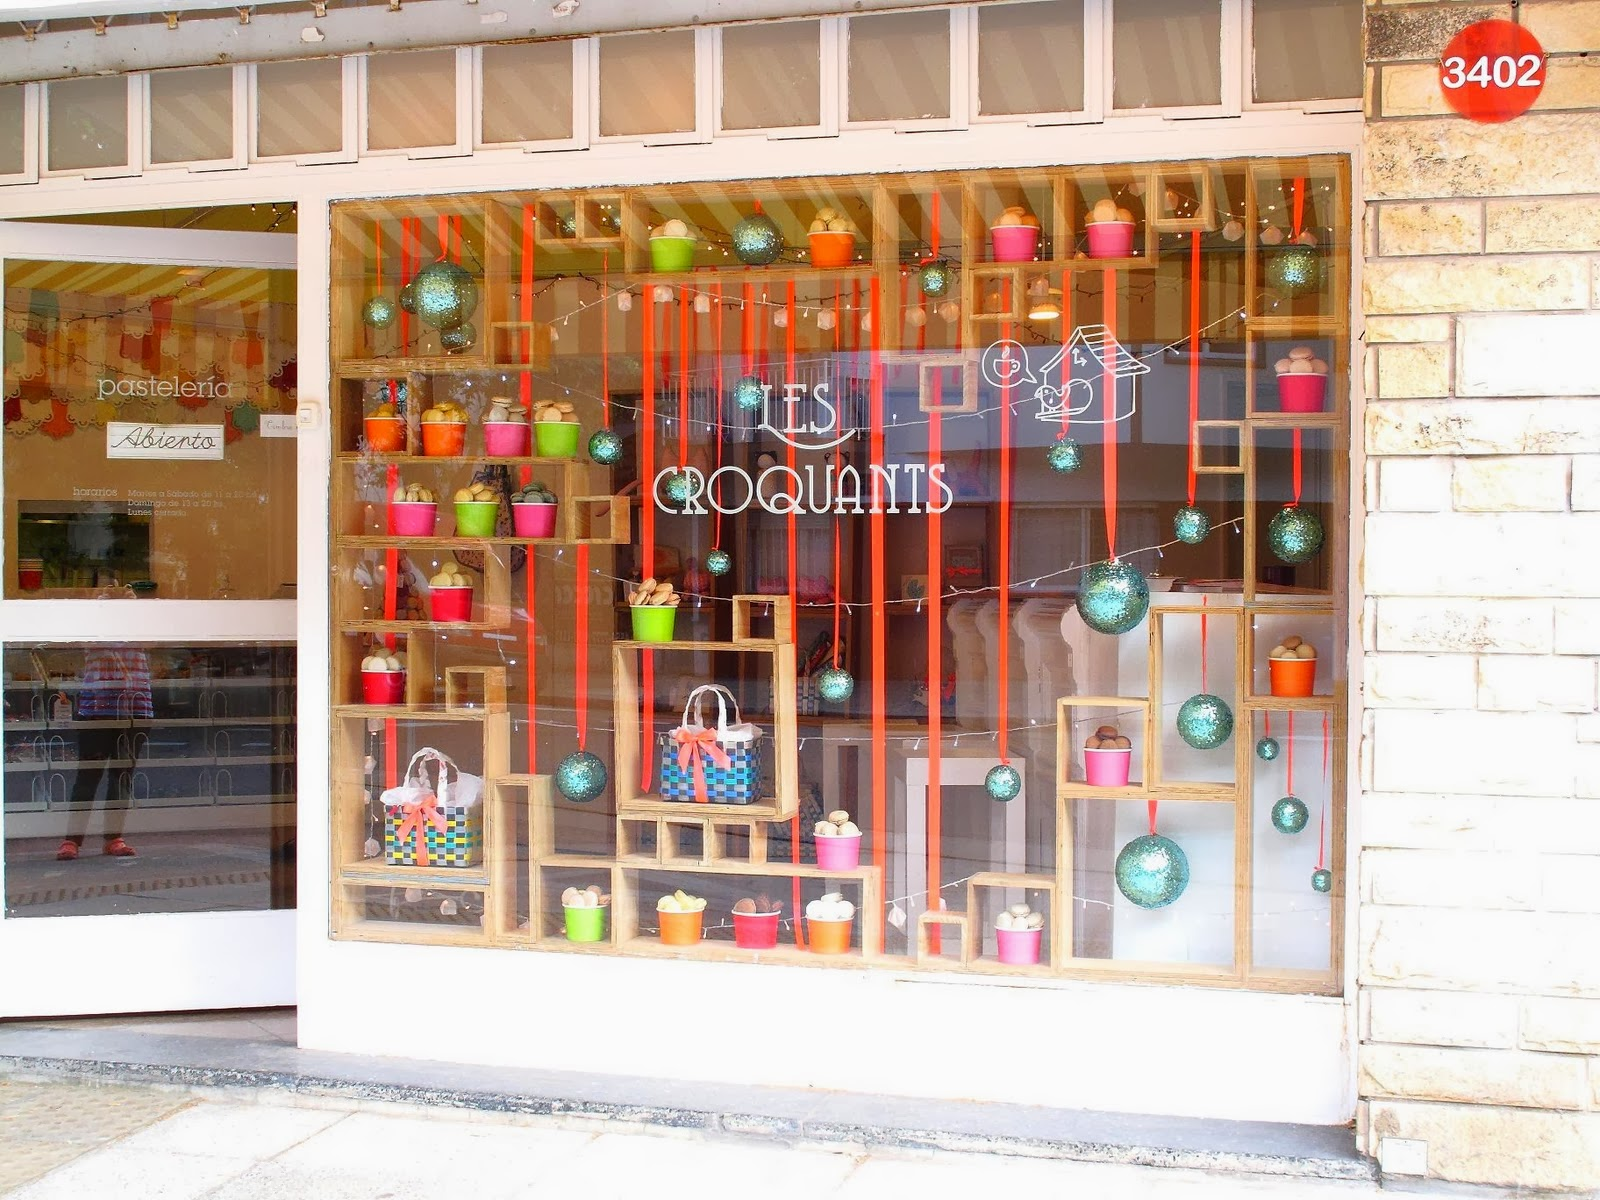 Decoracion de vidrieras para navidad fotos bonitas para for Decoracion de vidrieras de ropa